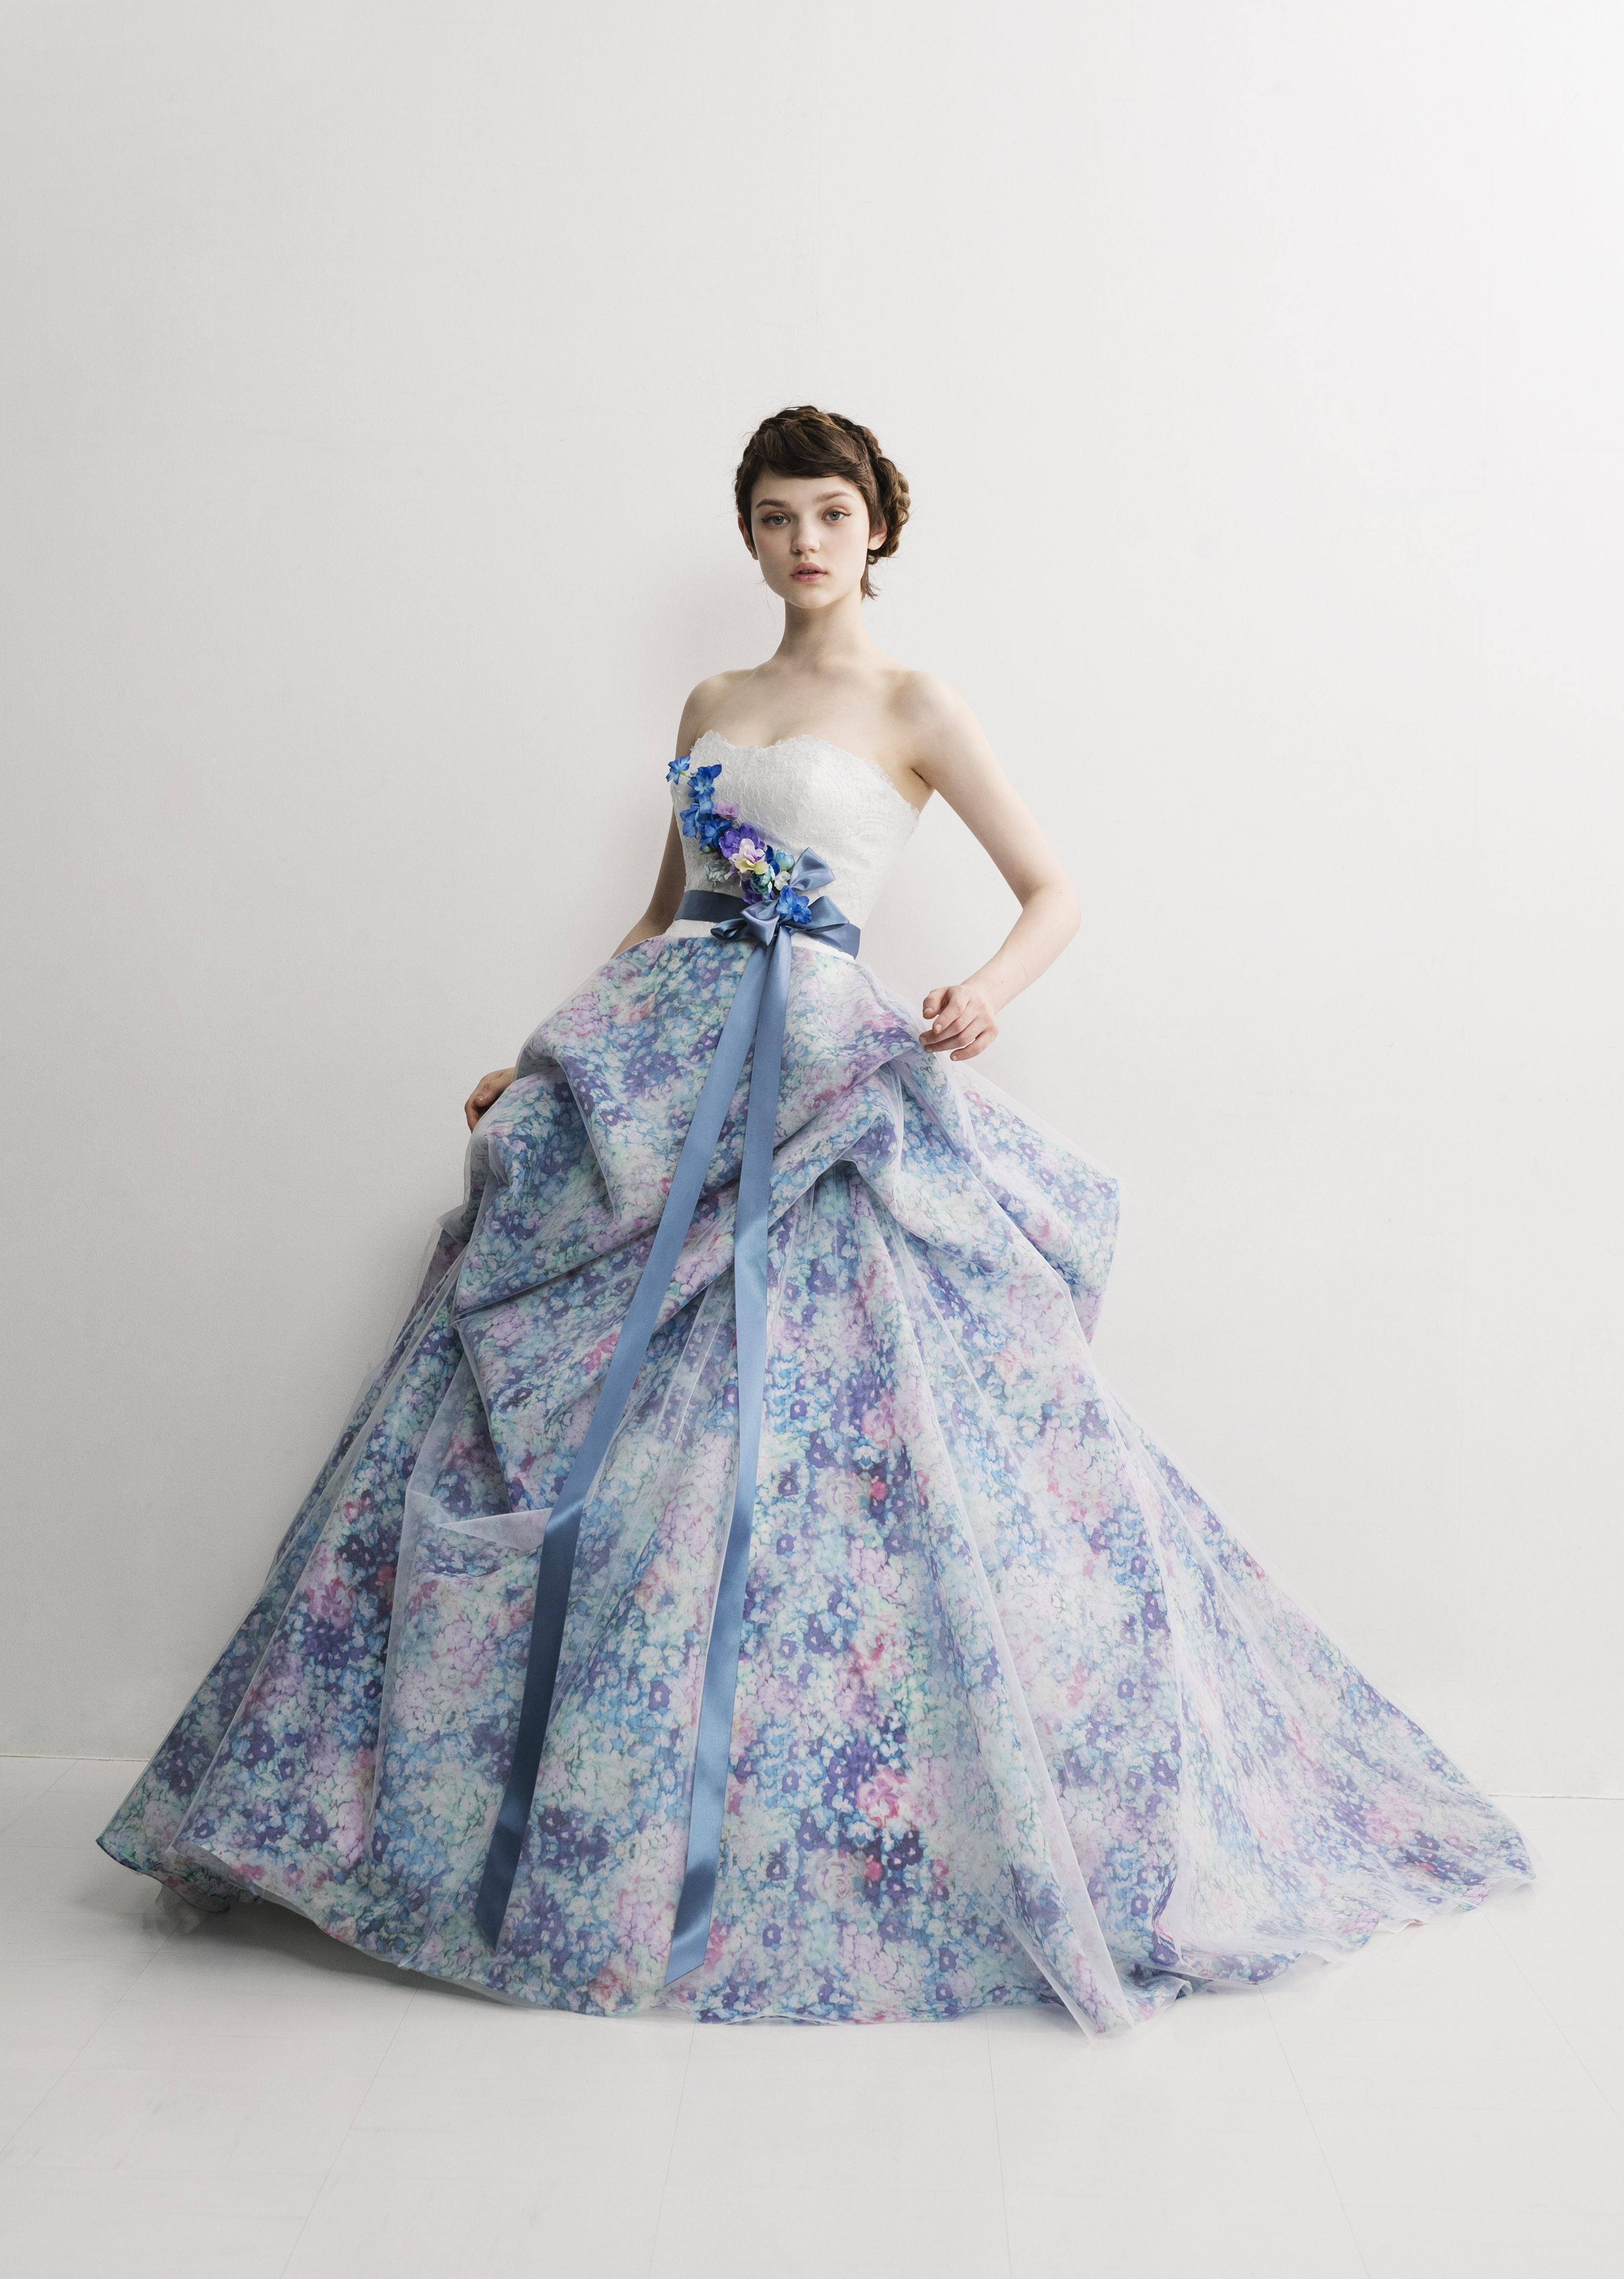 bcd9e8c536ee6 松尾のウェディングドレス、メンズフォーマルウェアのサイト。各種 ブランドの取扱店